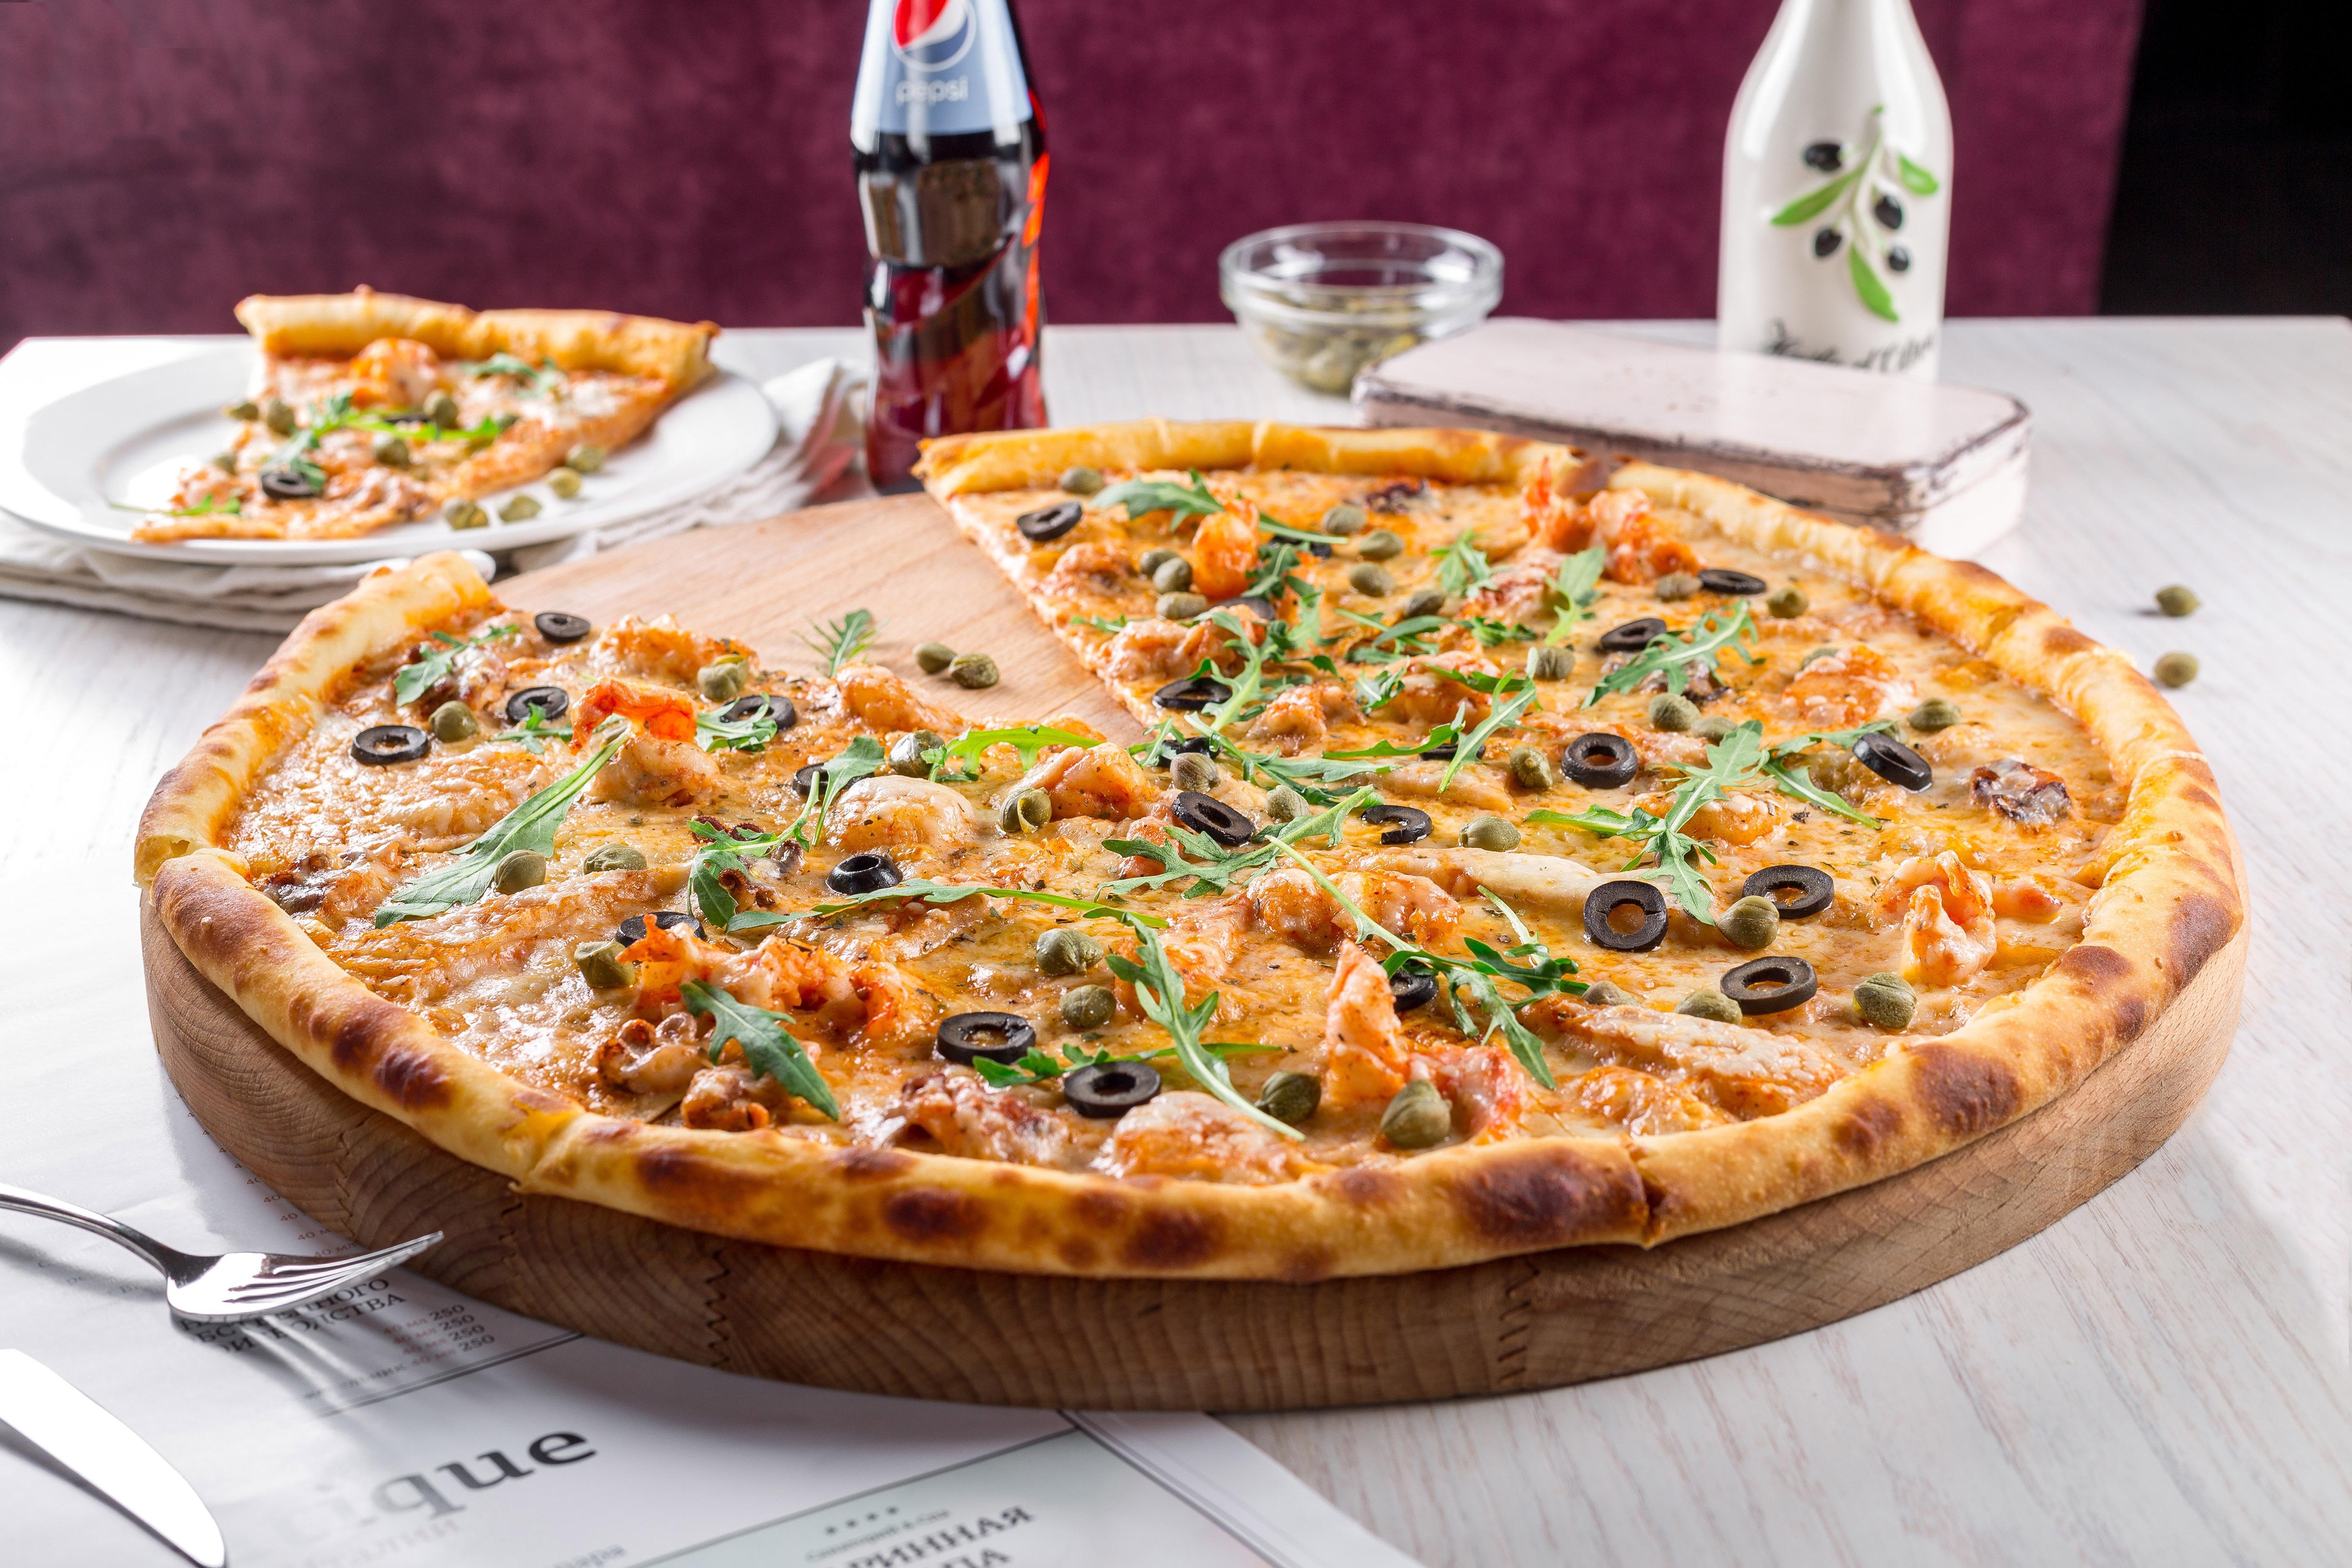 фото пиццы крупным планом что-то пеку